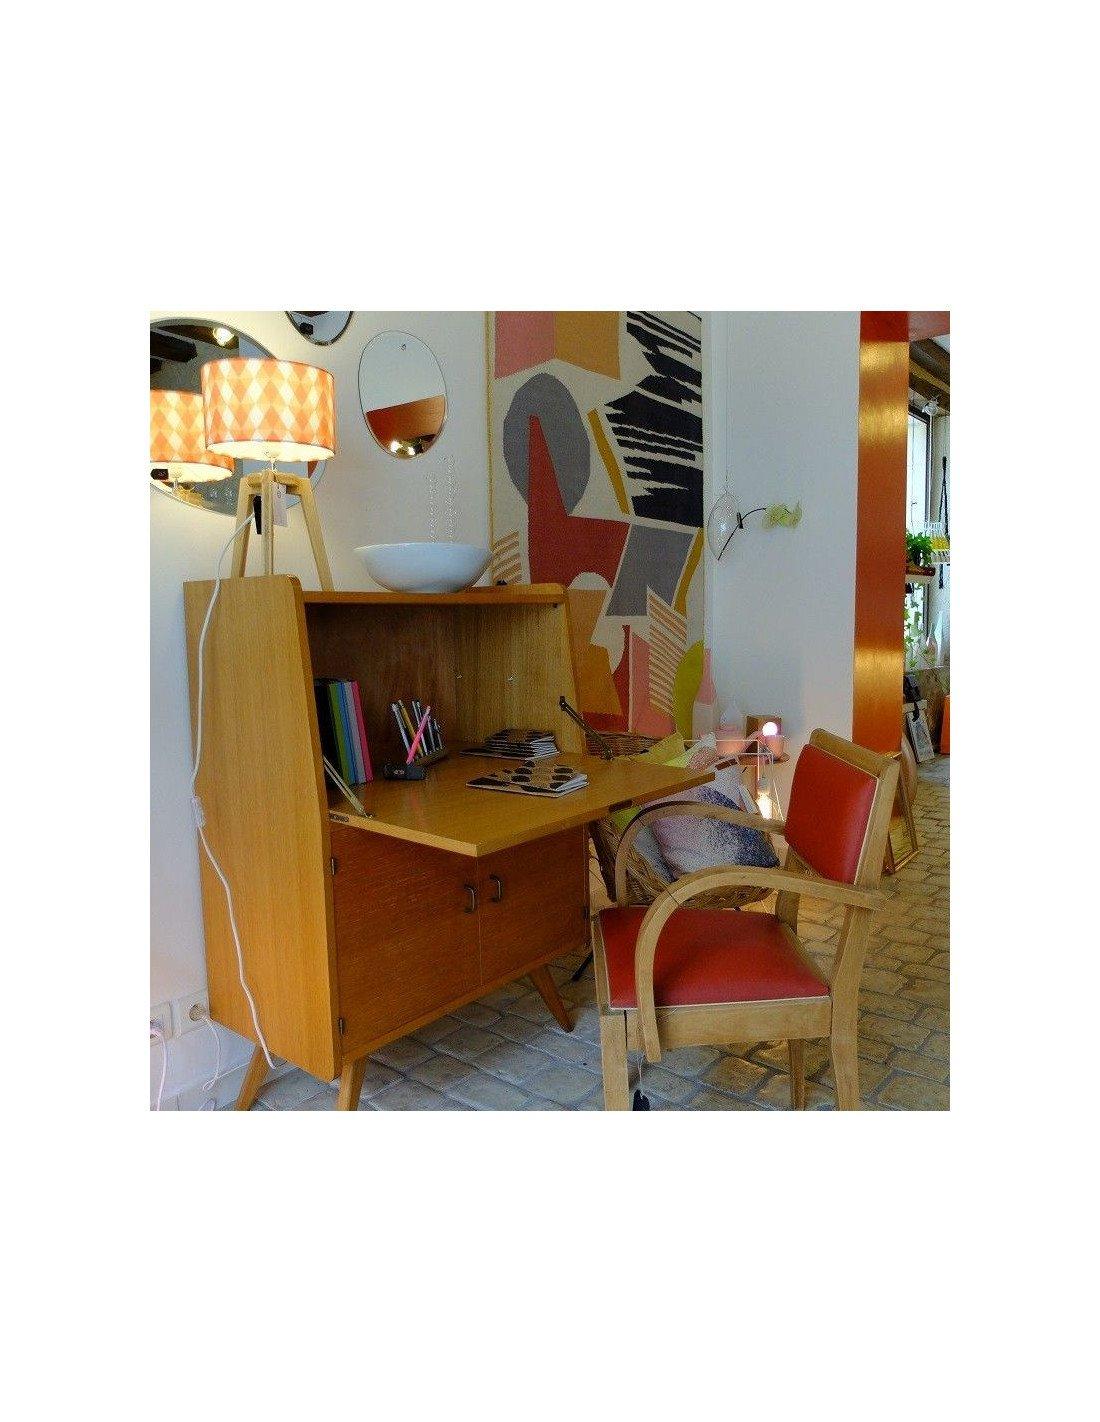 brocante secr taire vintage ann es 50. Black Bedroom Furniture Sets. Home Design Ideas